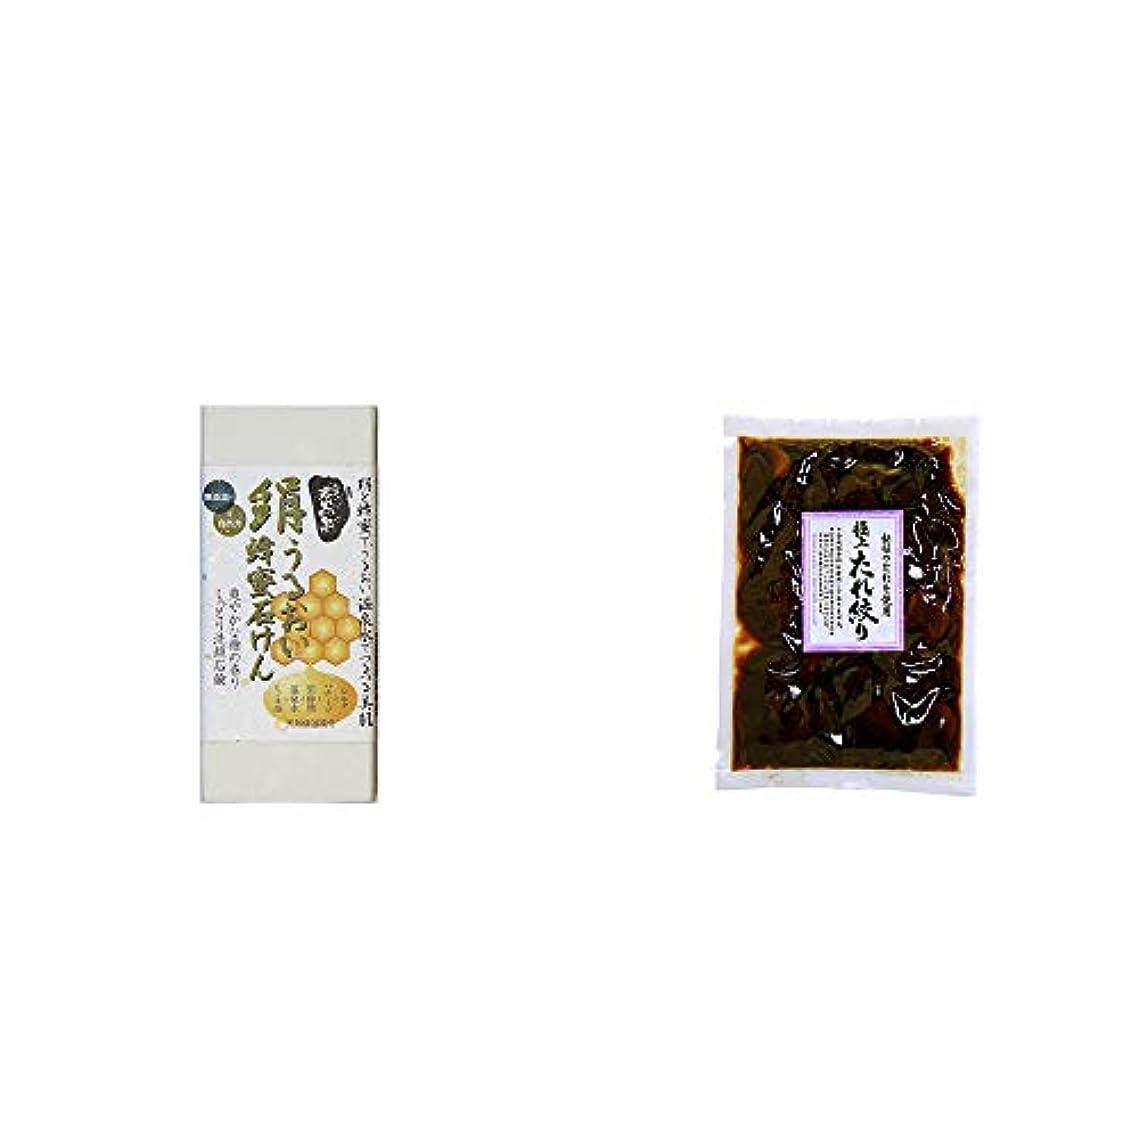 下る抵抗する概して[2点セット] ひのき炭黒泉 絹うるおい蜂蜜石けん(75g×2)?国産 極上たれ絞り(250g)